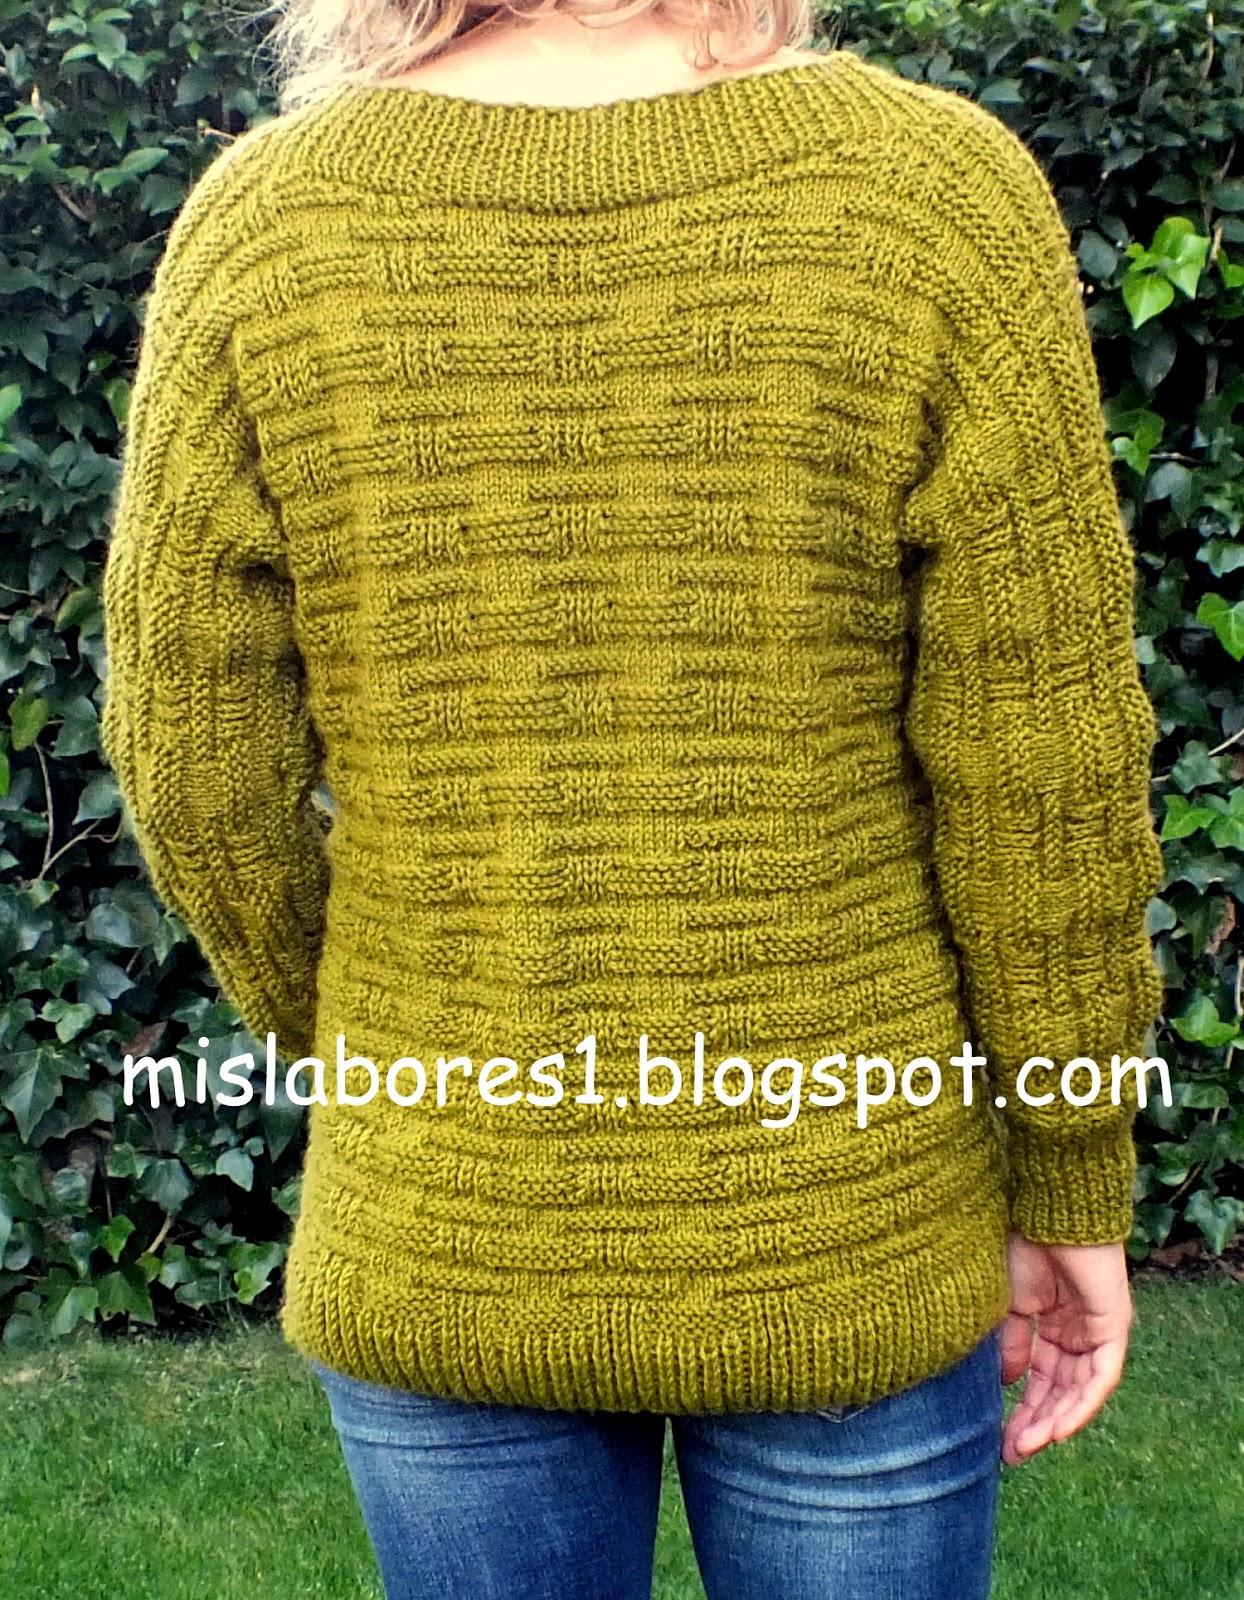 Mis labores jersey de lana con el escote en pico - Labores de punto de lana ...